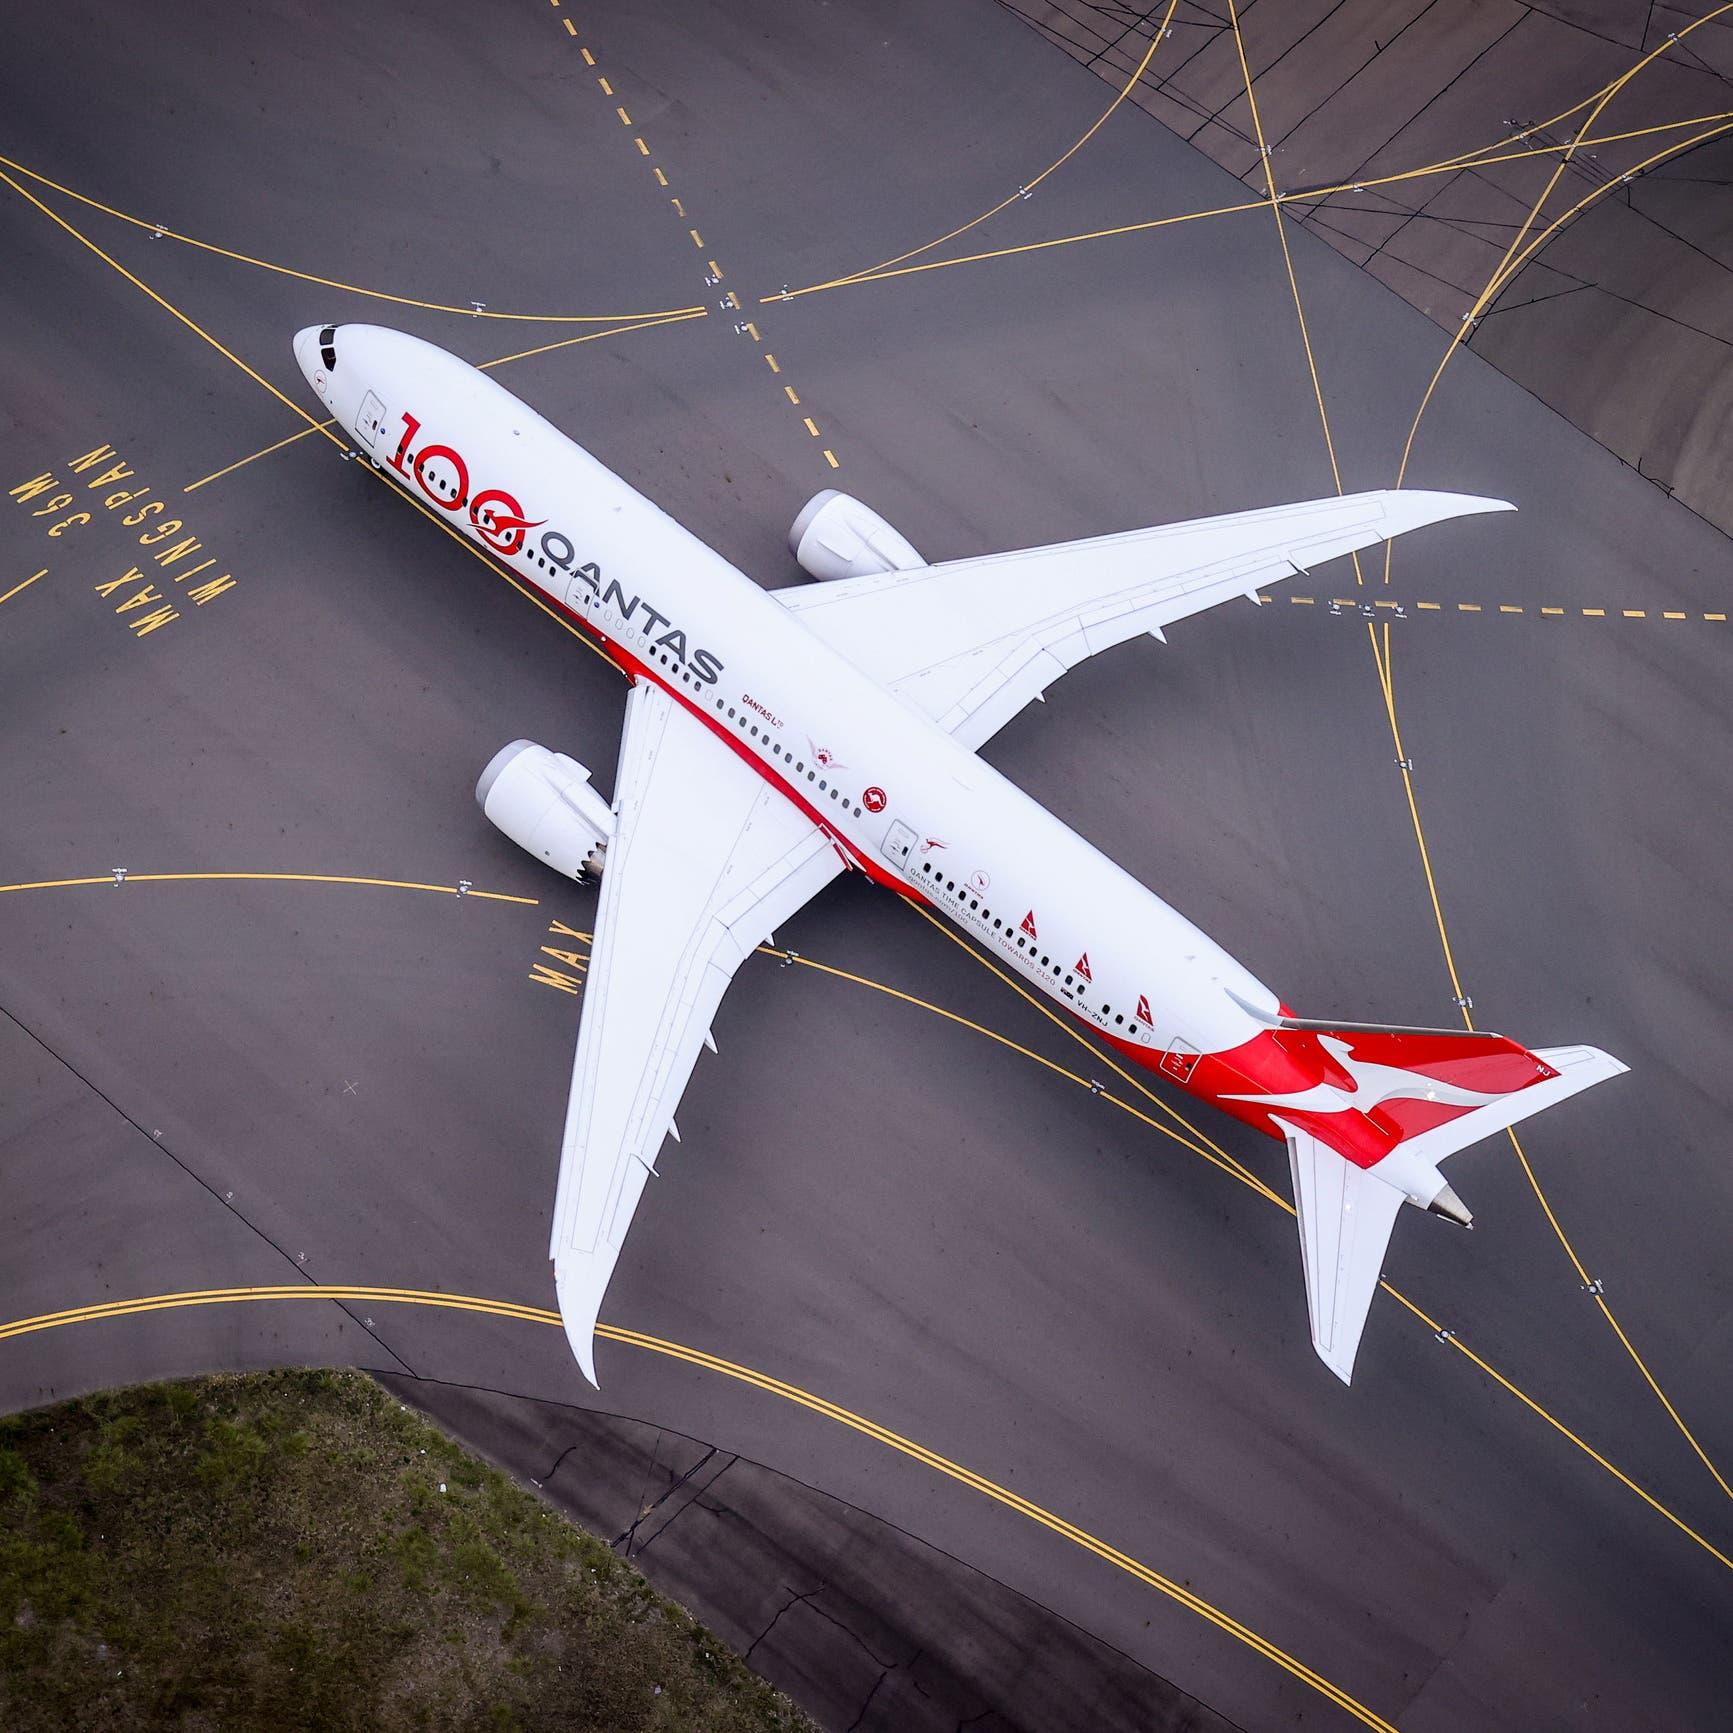 شركة طيران تمنح فرصة السفر اللامحدودللمطعمين ضد كورونا